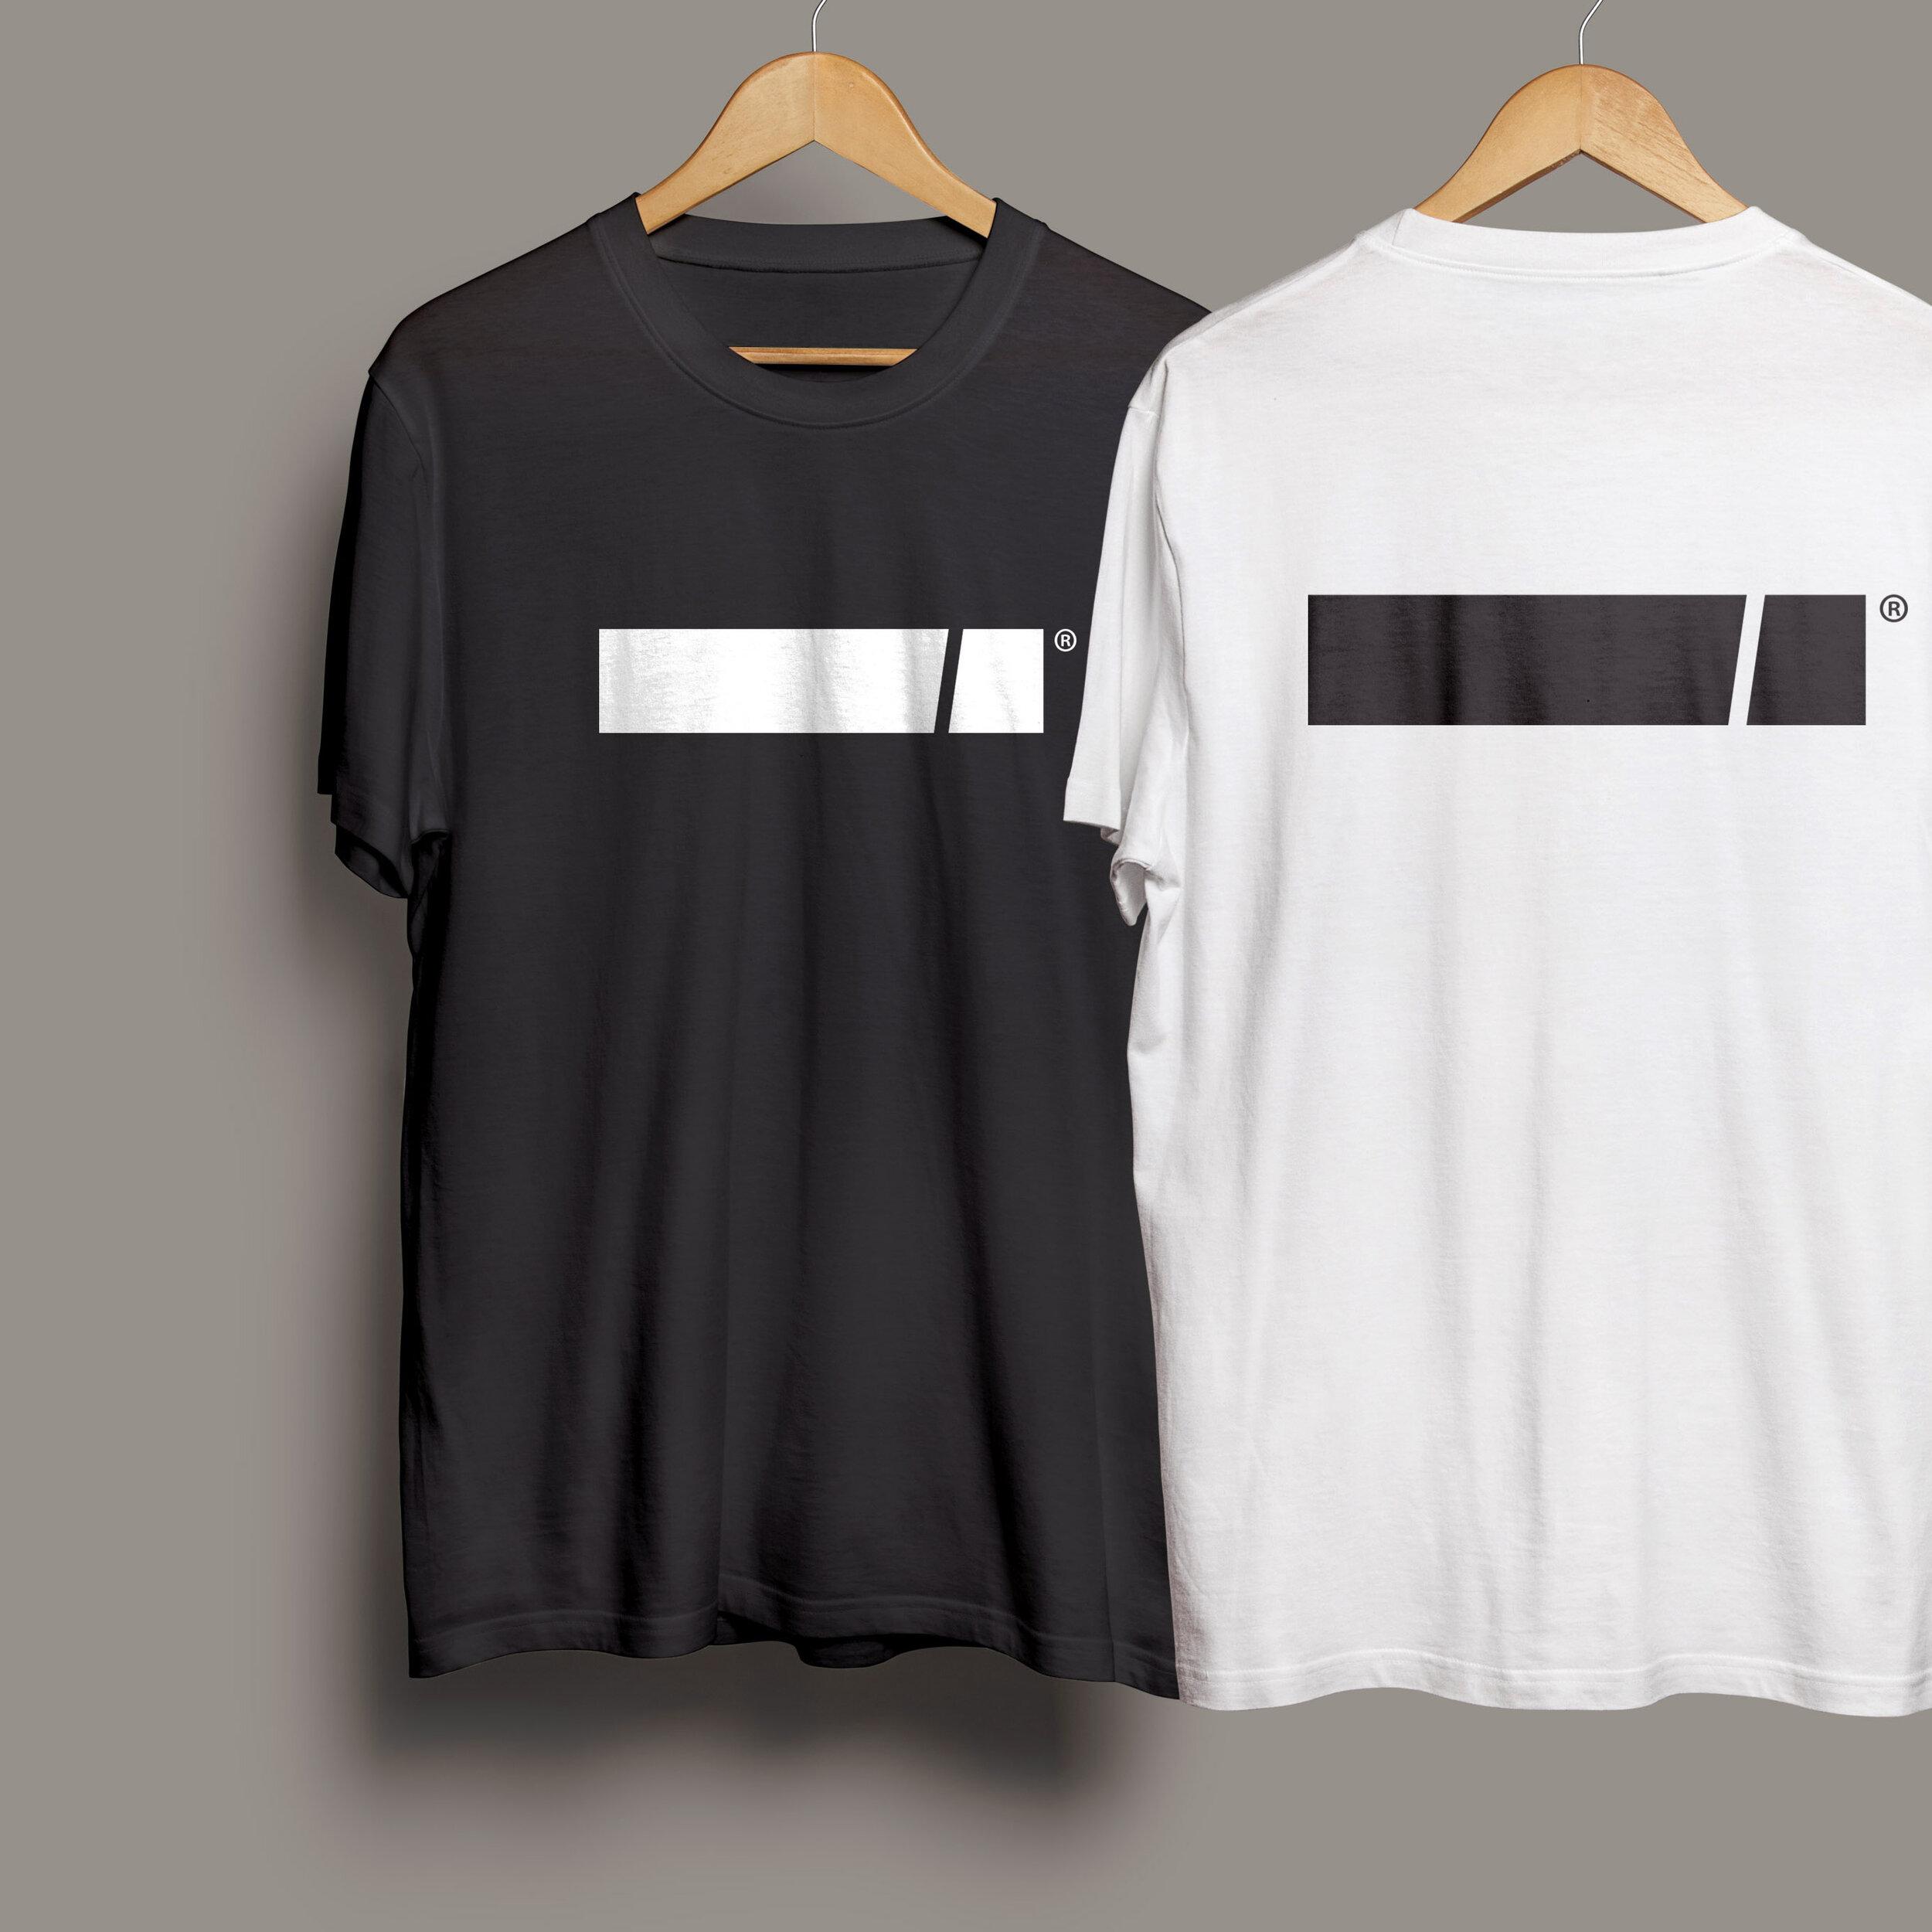 シャツ オリジナル t Tシャツ オリジナル Tシャツのプリント